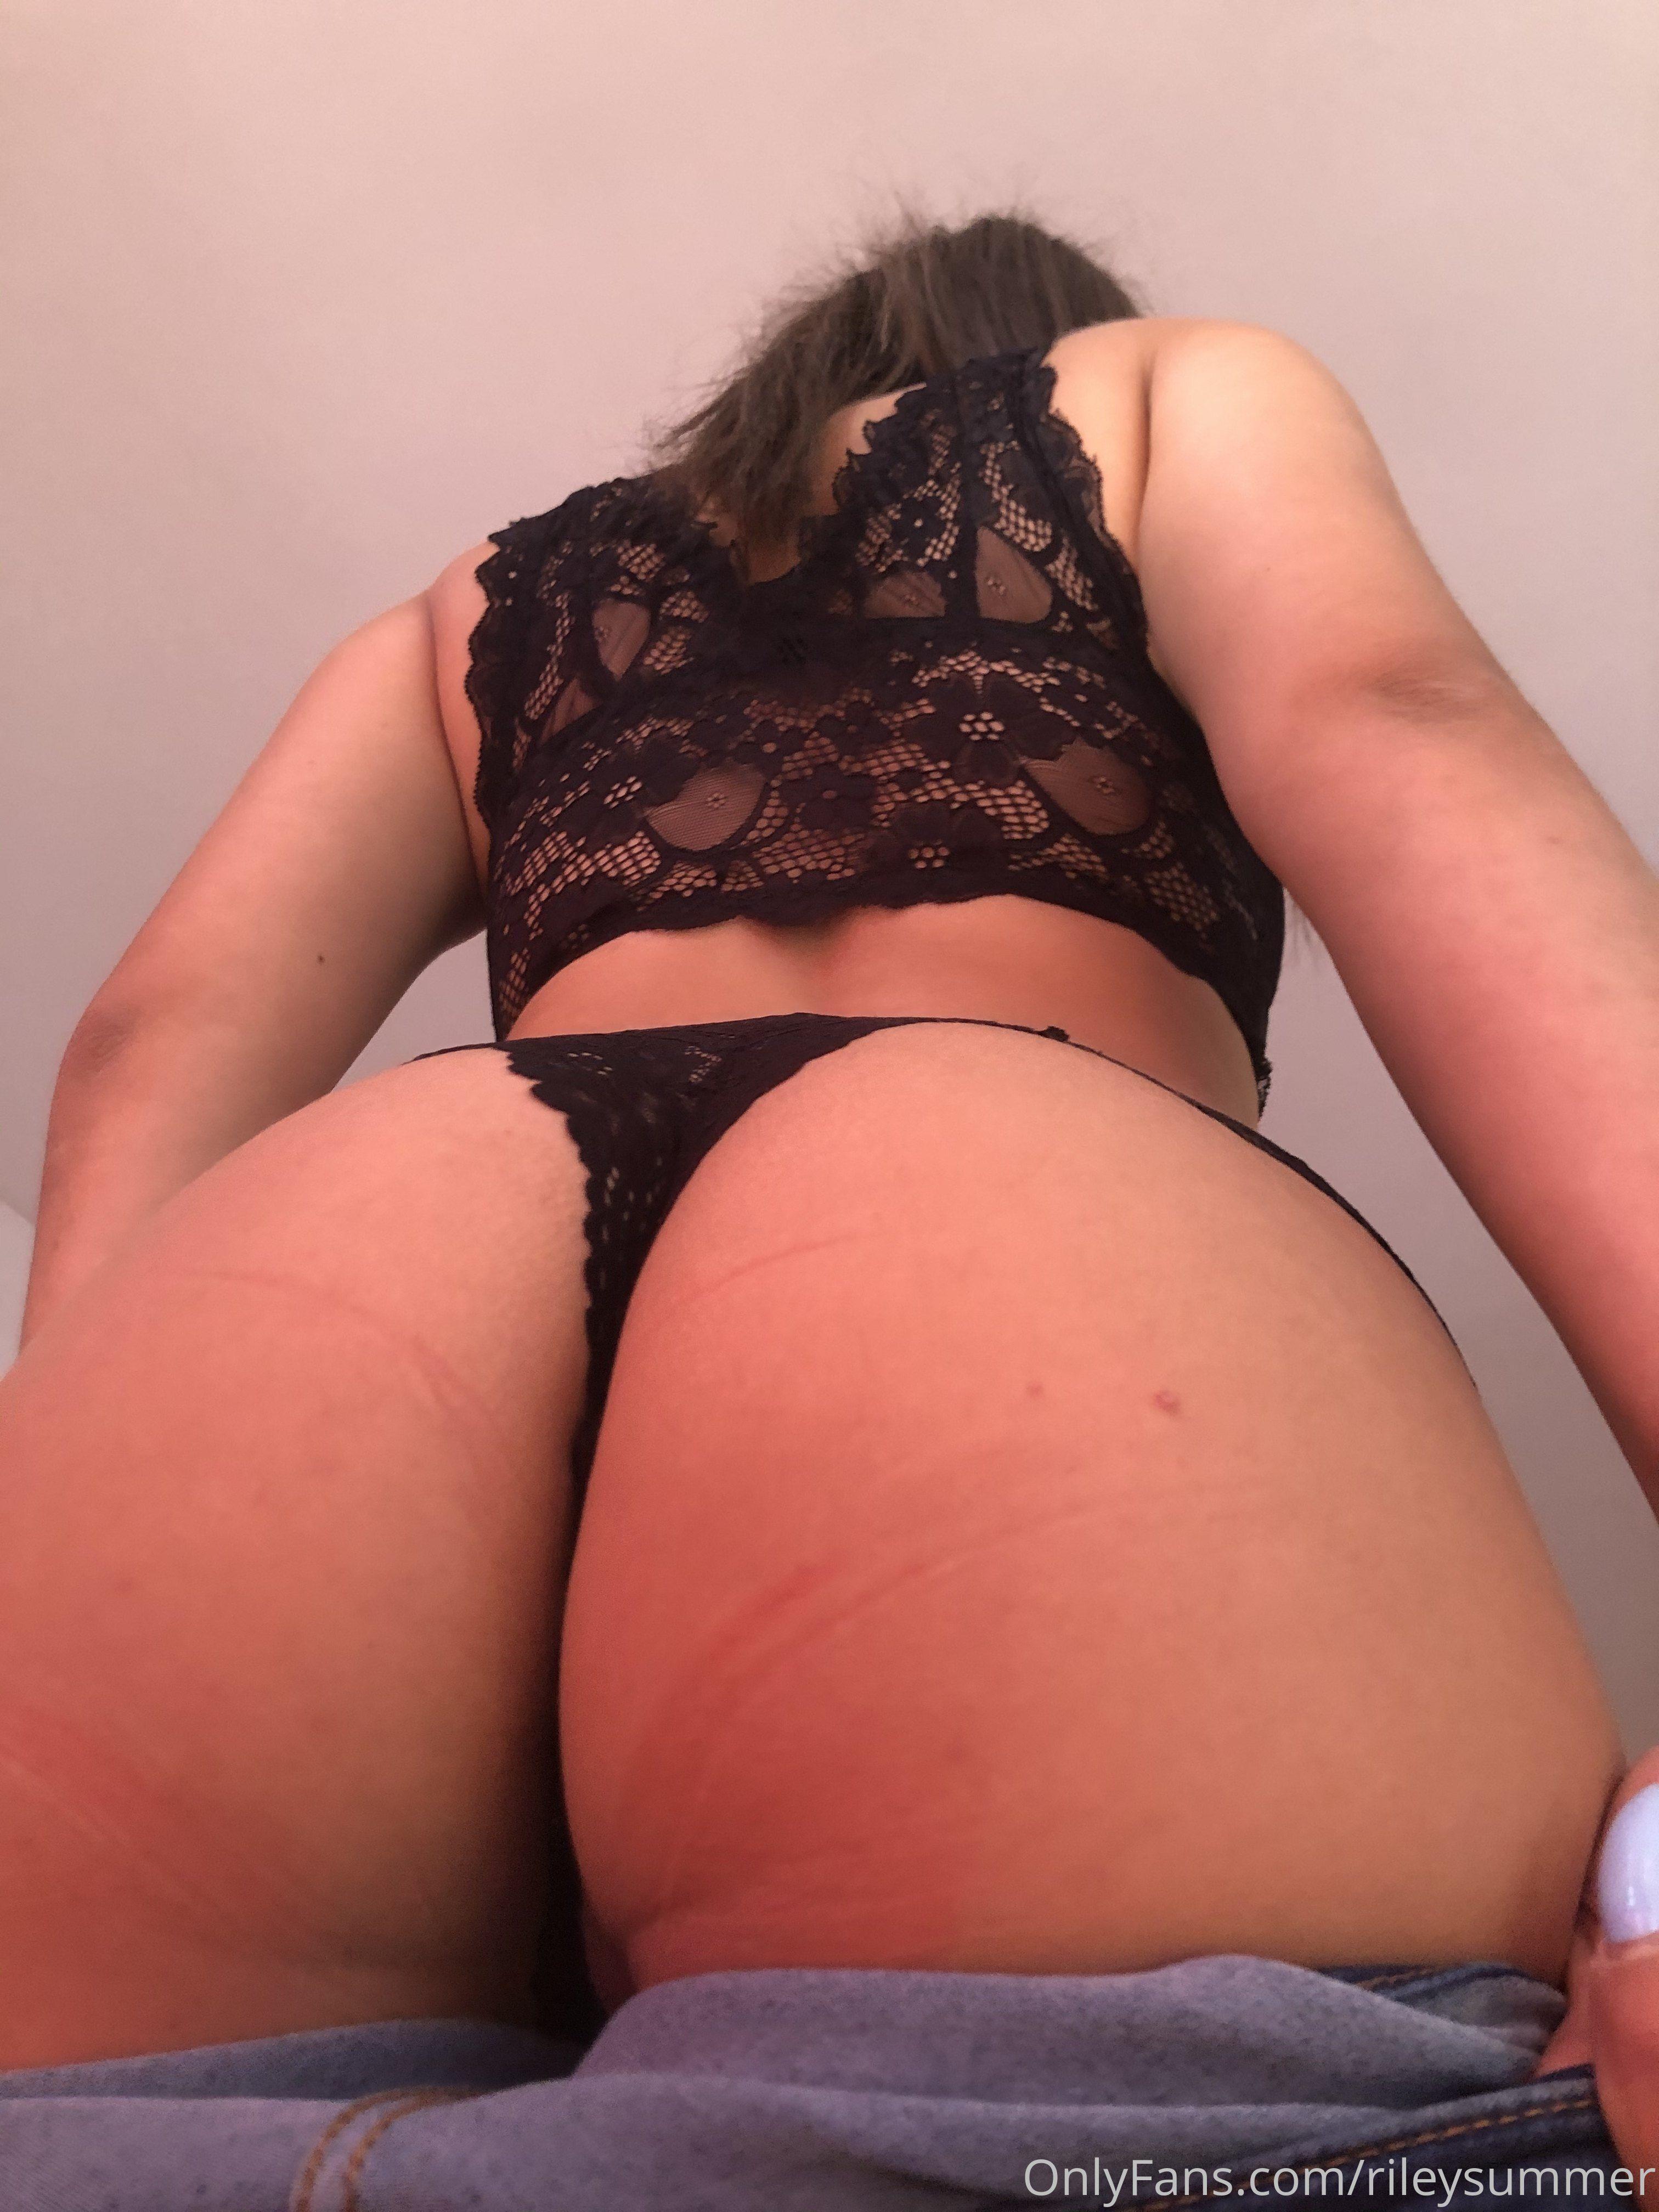 Rileysummer Nude Onlyfans Leaked 0041